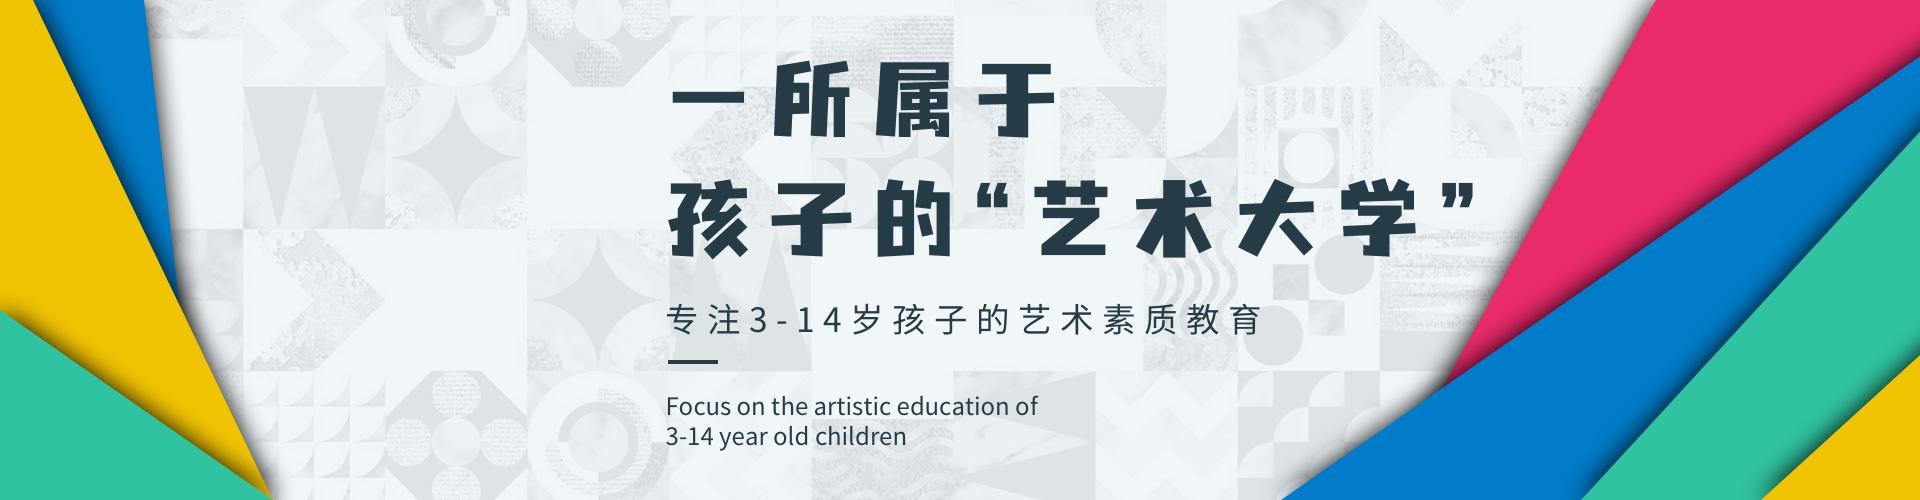 正人艺术教育